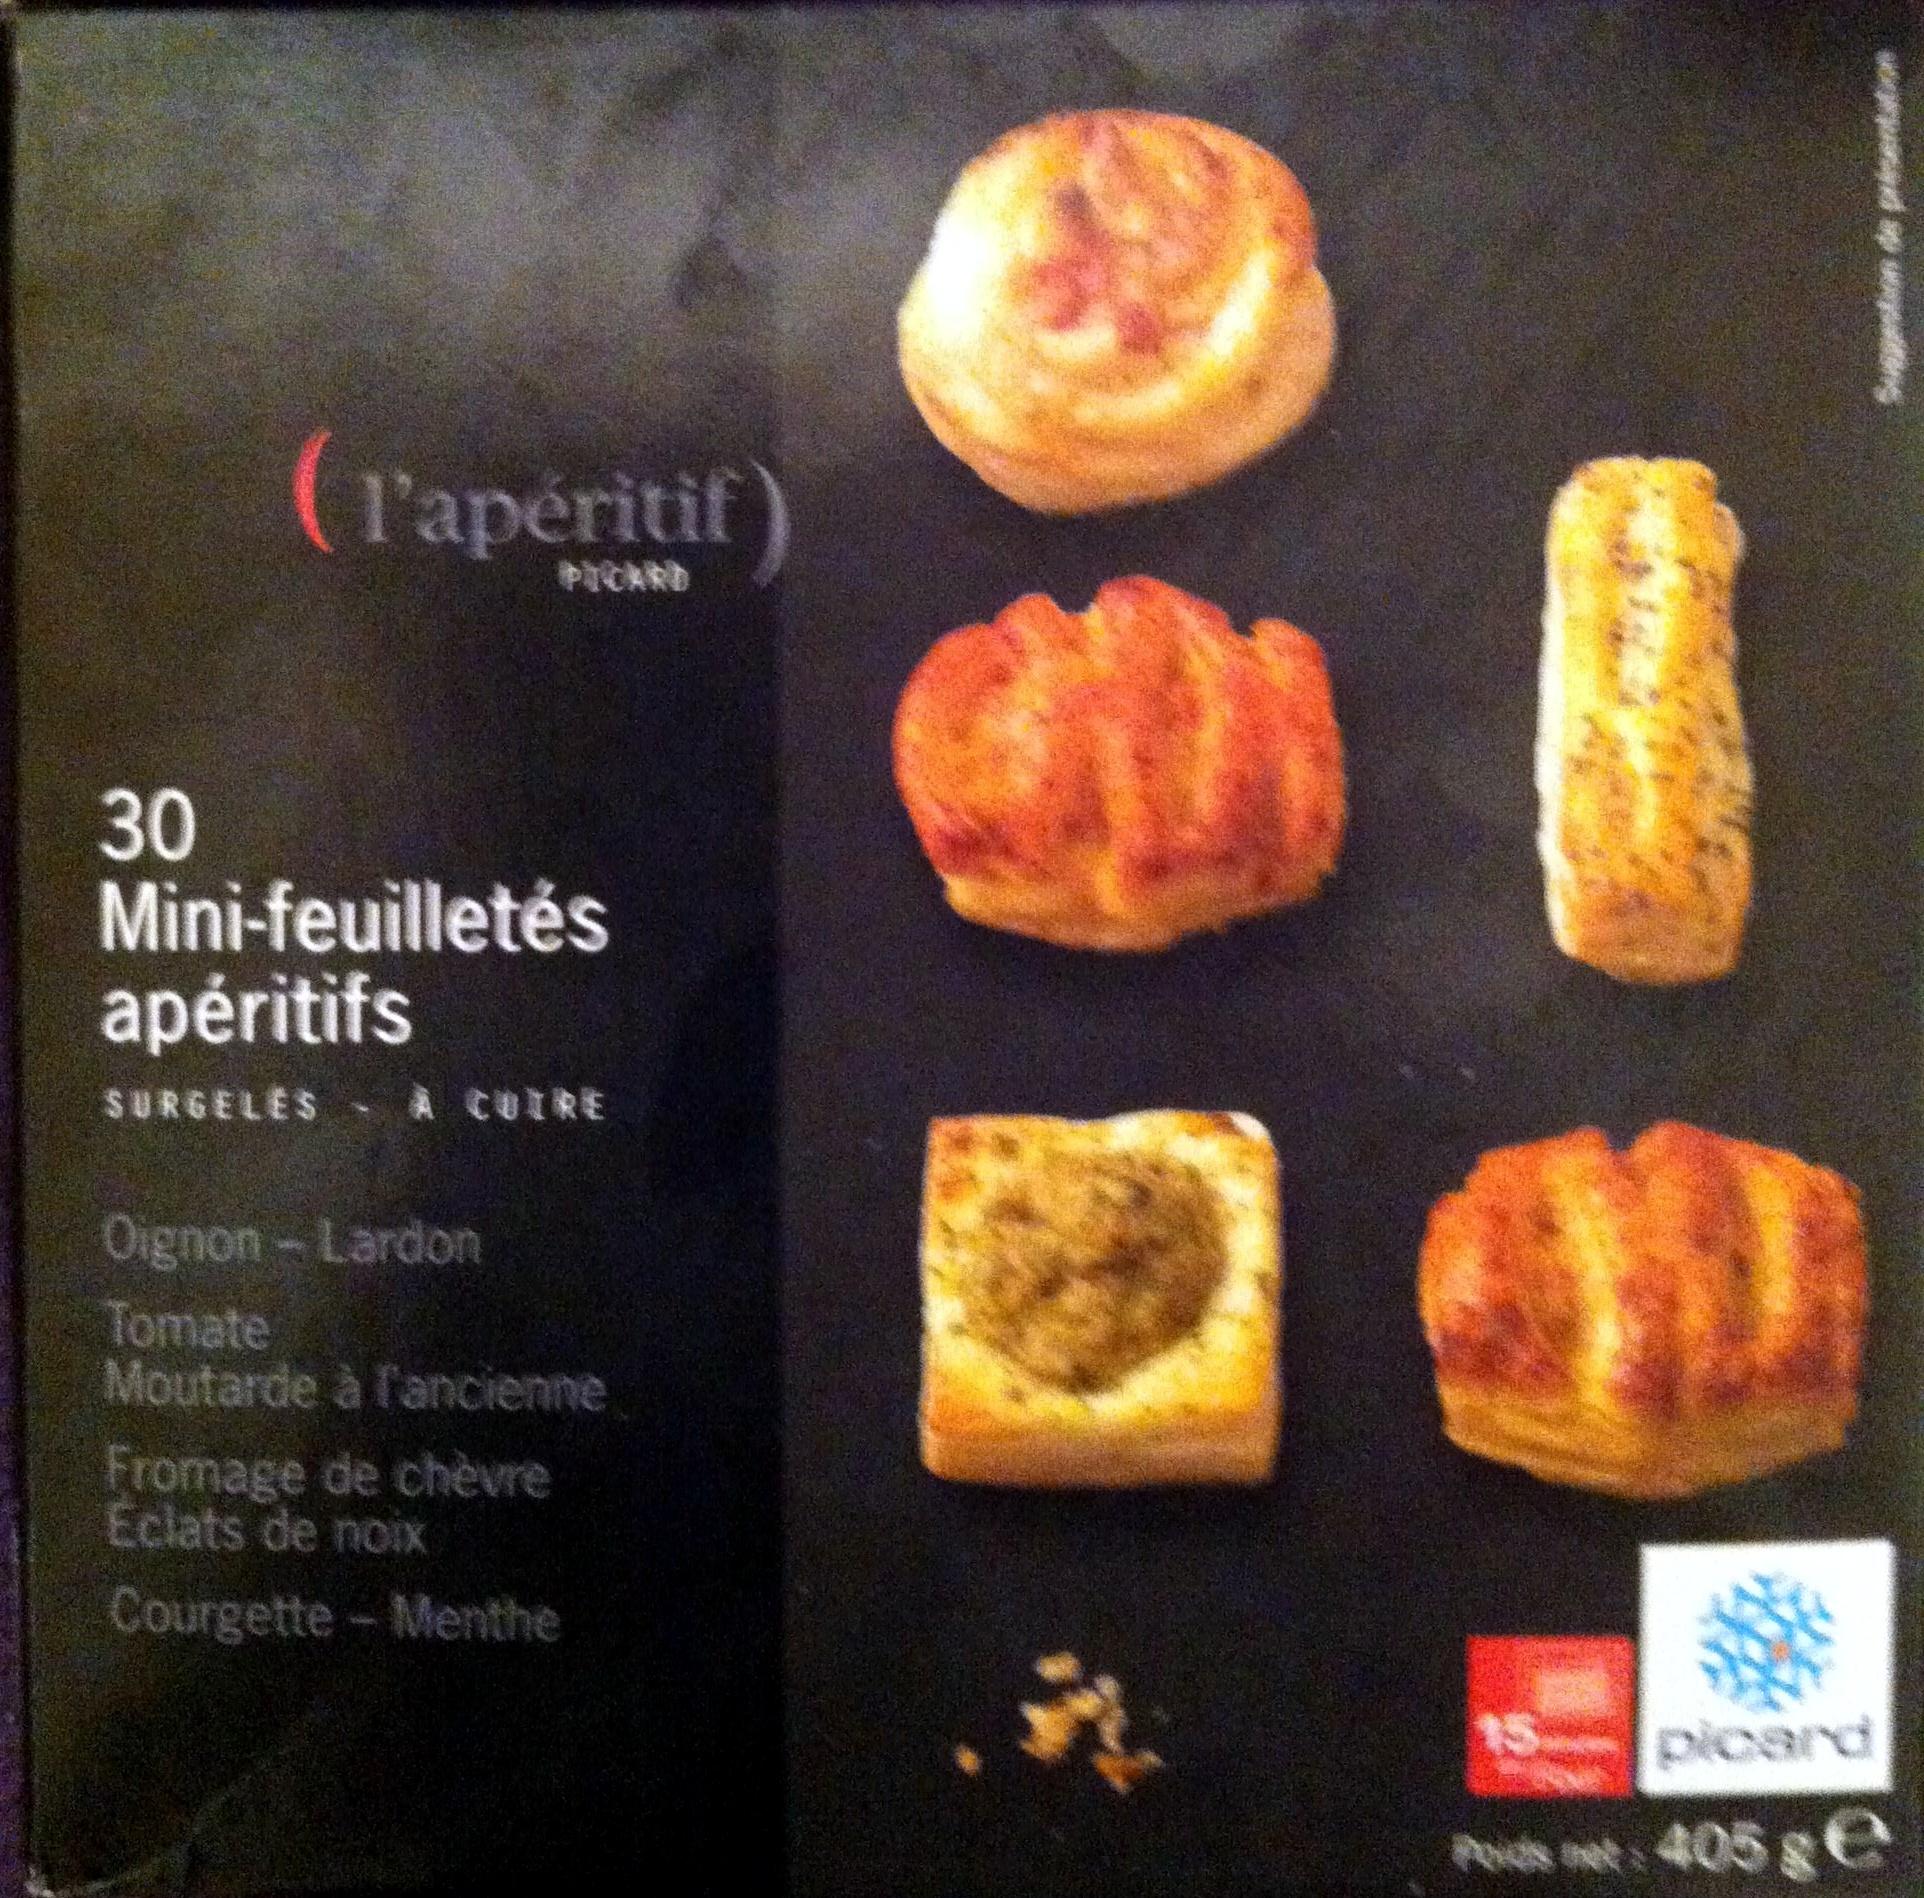 30 Mini-feuilletés apéritifs - surgelés 405 g - Product